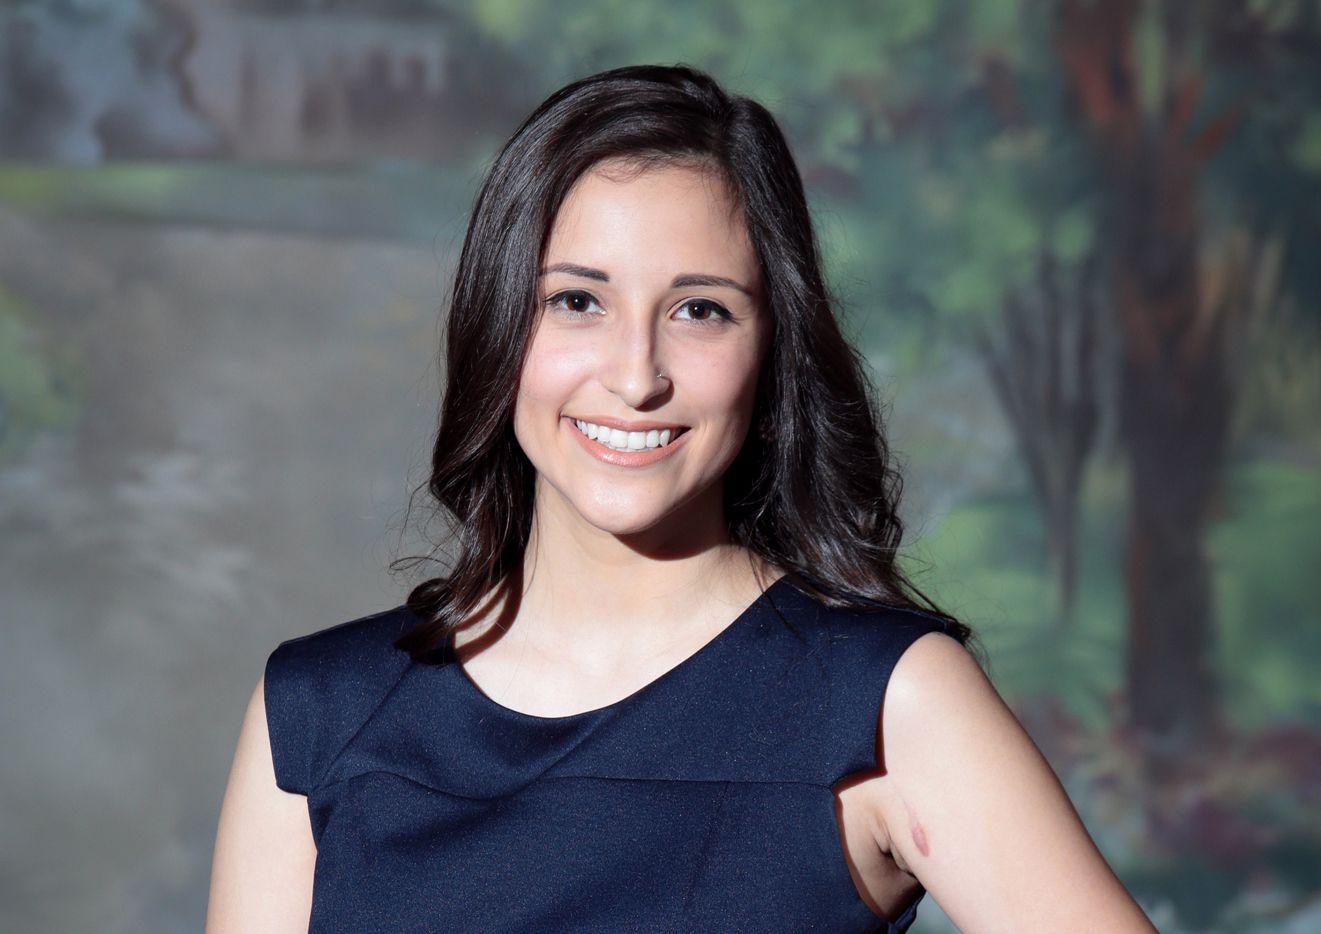 Brooke López fue candidata a concejal a los 21 años. Ahora trabaja en la campaña de Lillian Salerno. MARÍA OLIVAS/Especial para AL DÍA